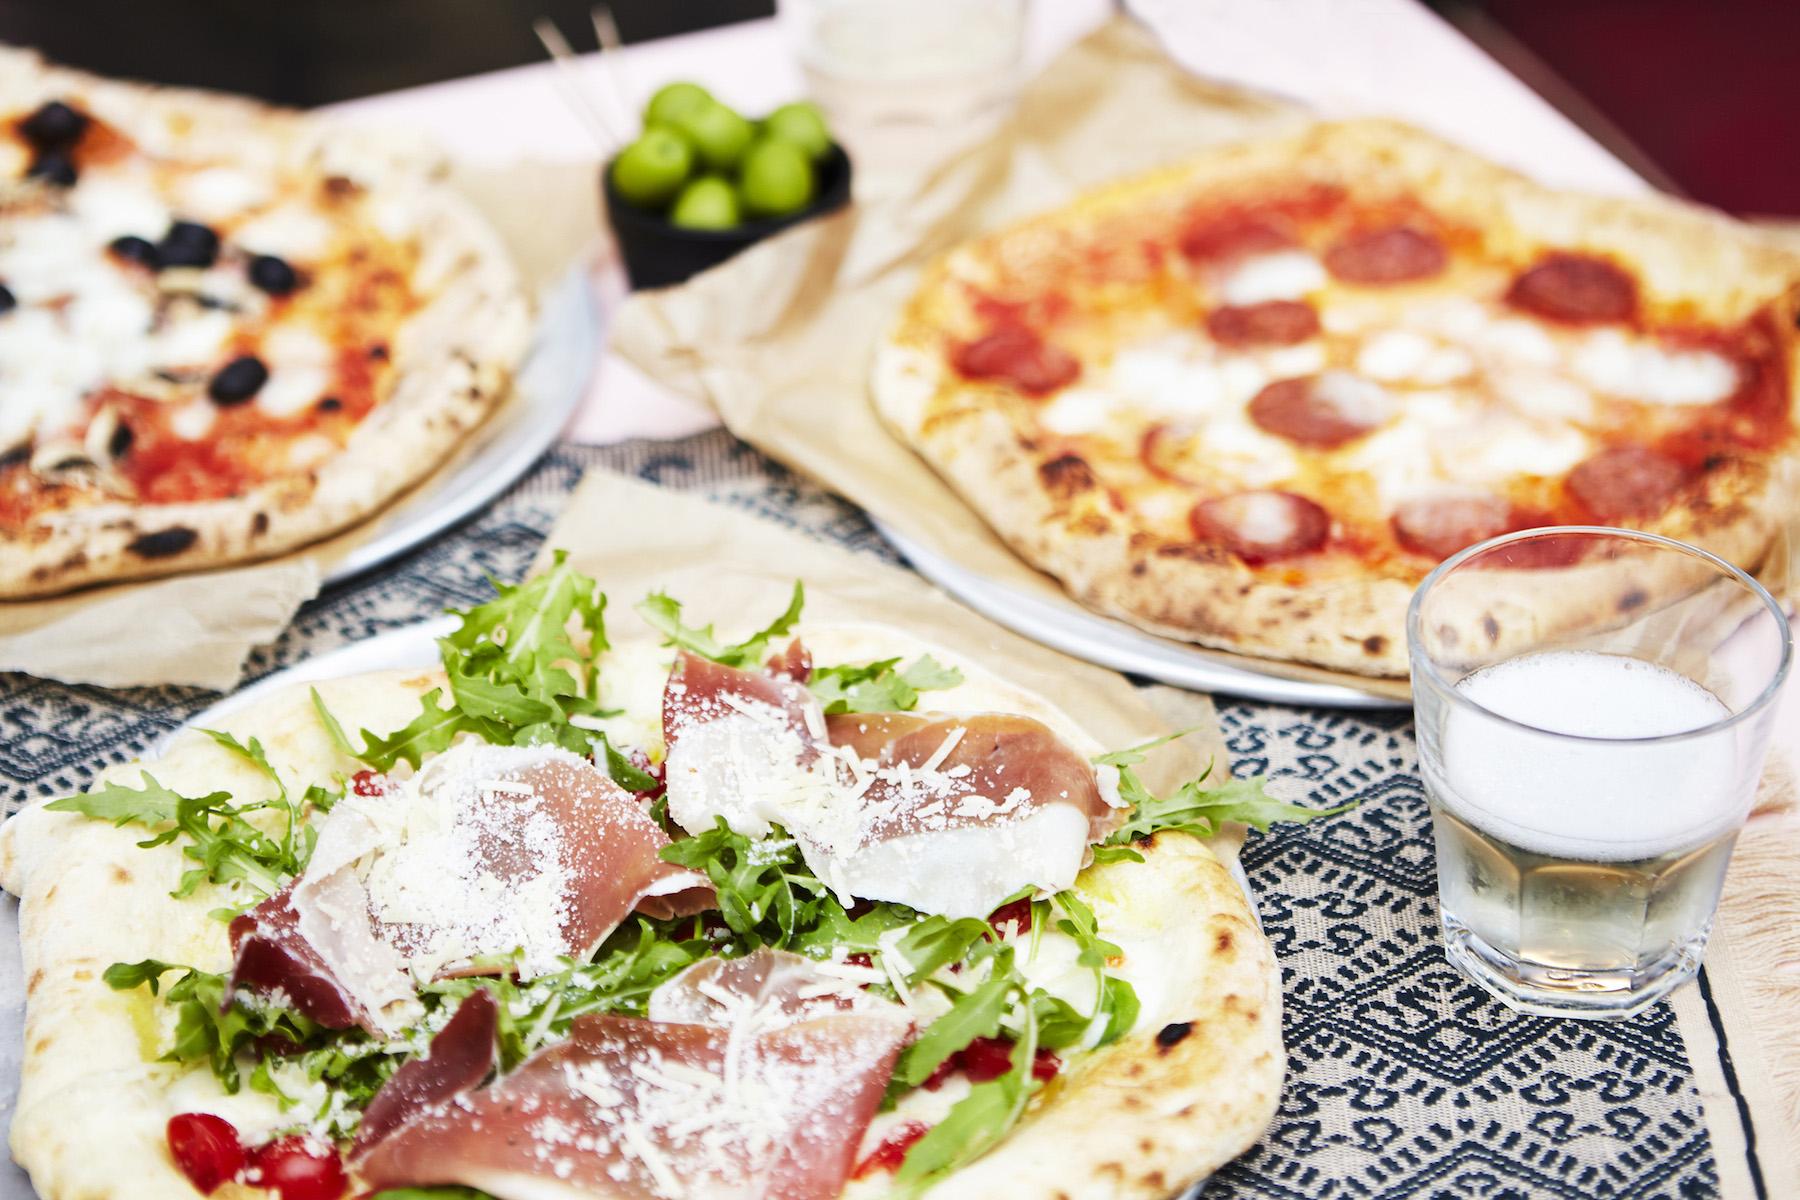 icon-artist-management-katie-hammond-food-pizzas_528_ret_flat.jpg